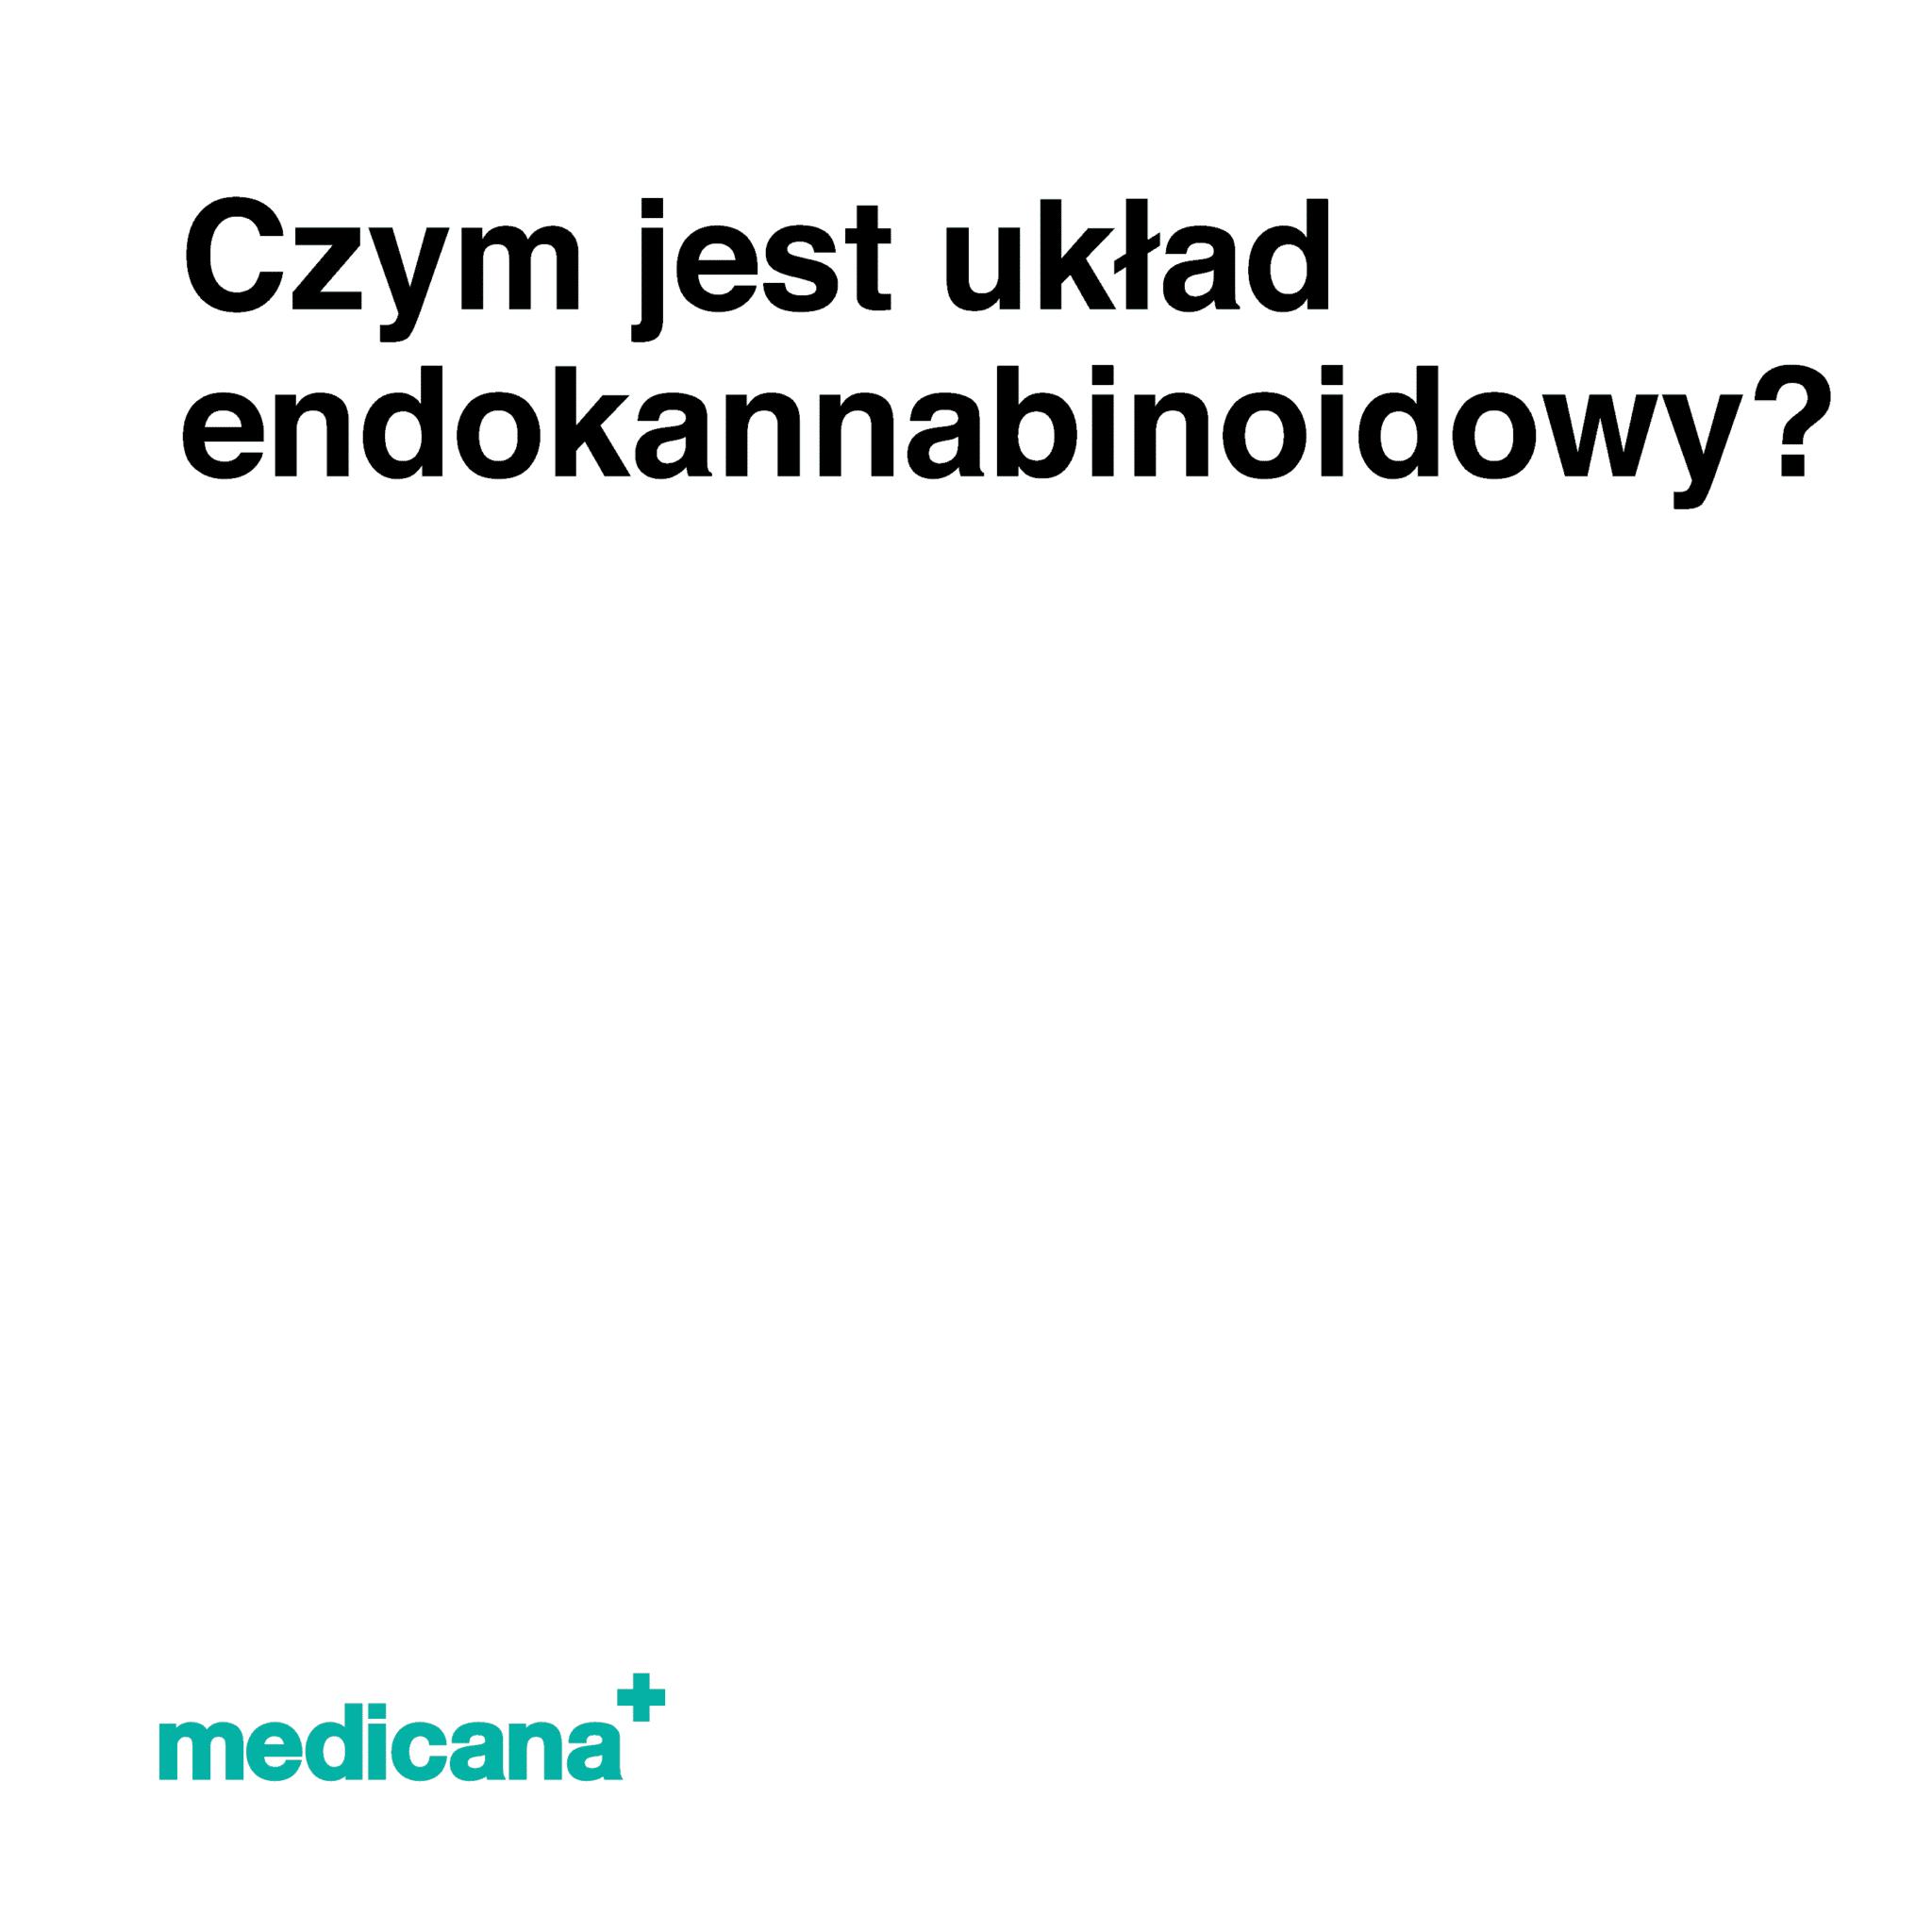 Grafika, białe tło z czarnym napisem Czym jest układ endokannabinoidowy? oraz zielonym logo Medicana w lewym dolnym rogu.